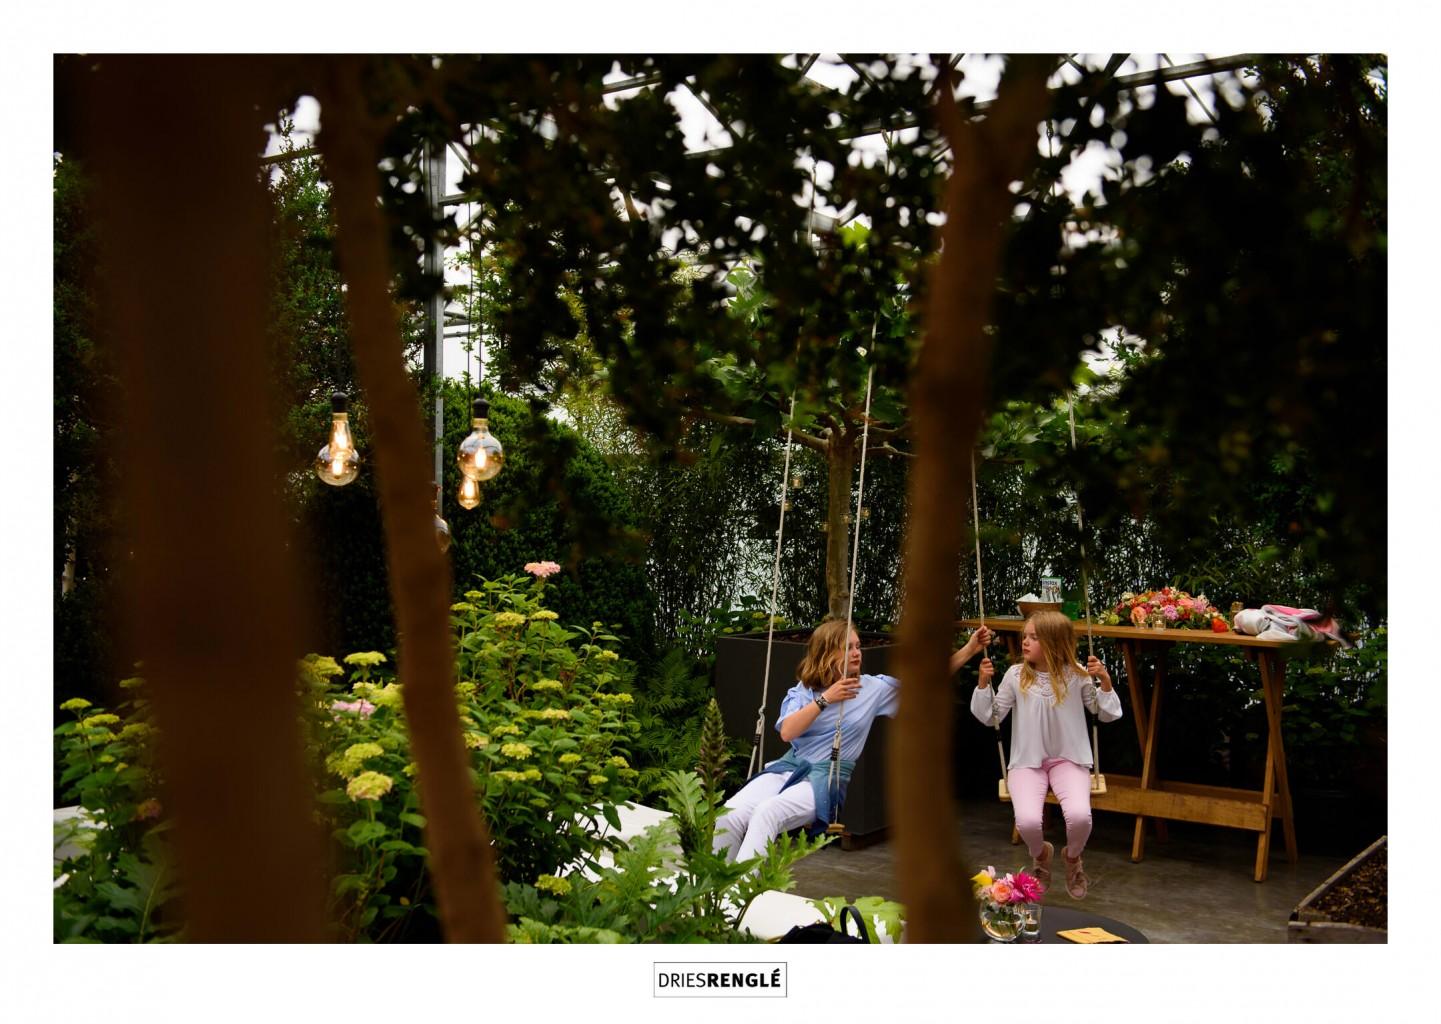 002-jef-cools-feestzaal-huwelijksfotograaf-dries-rengle